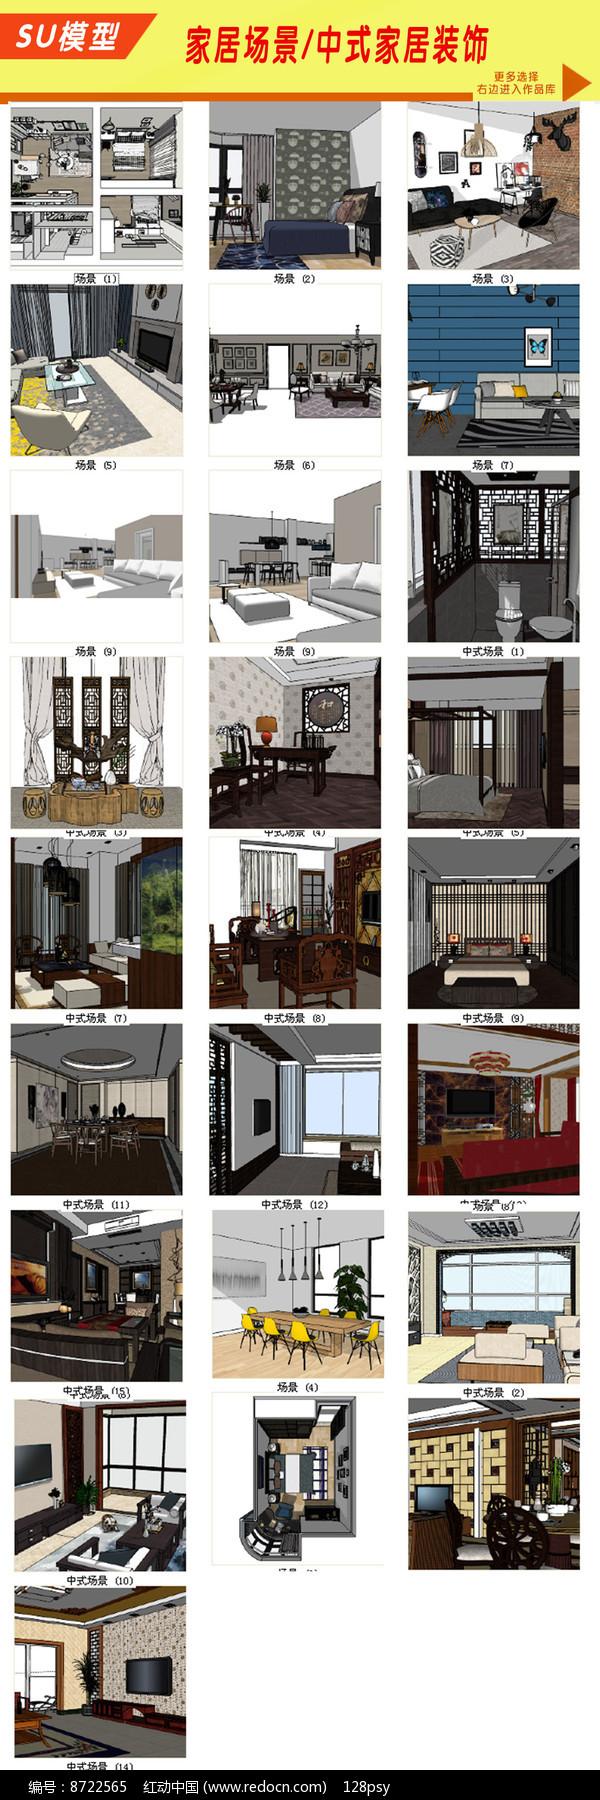 家居装饰场景模型设计 图片